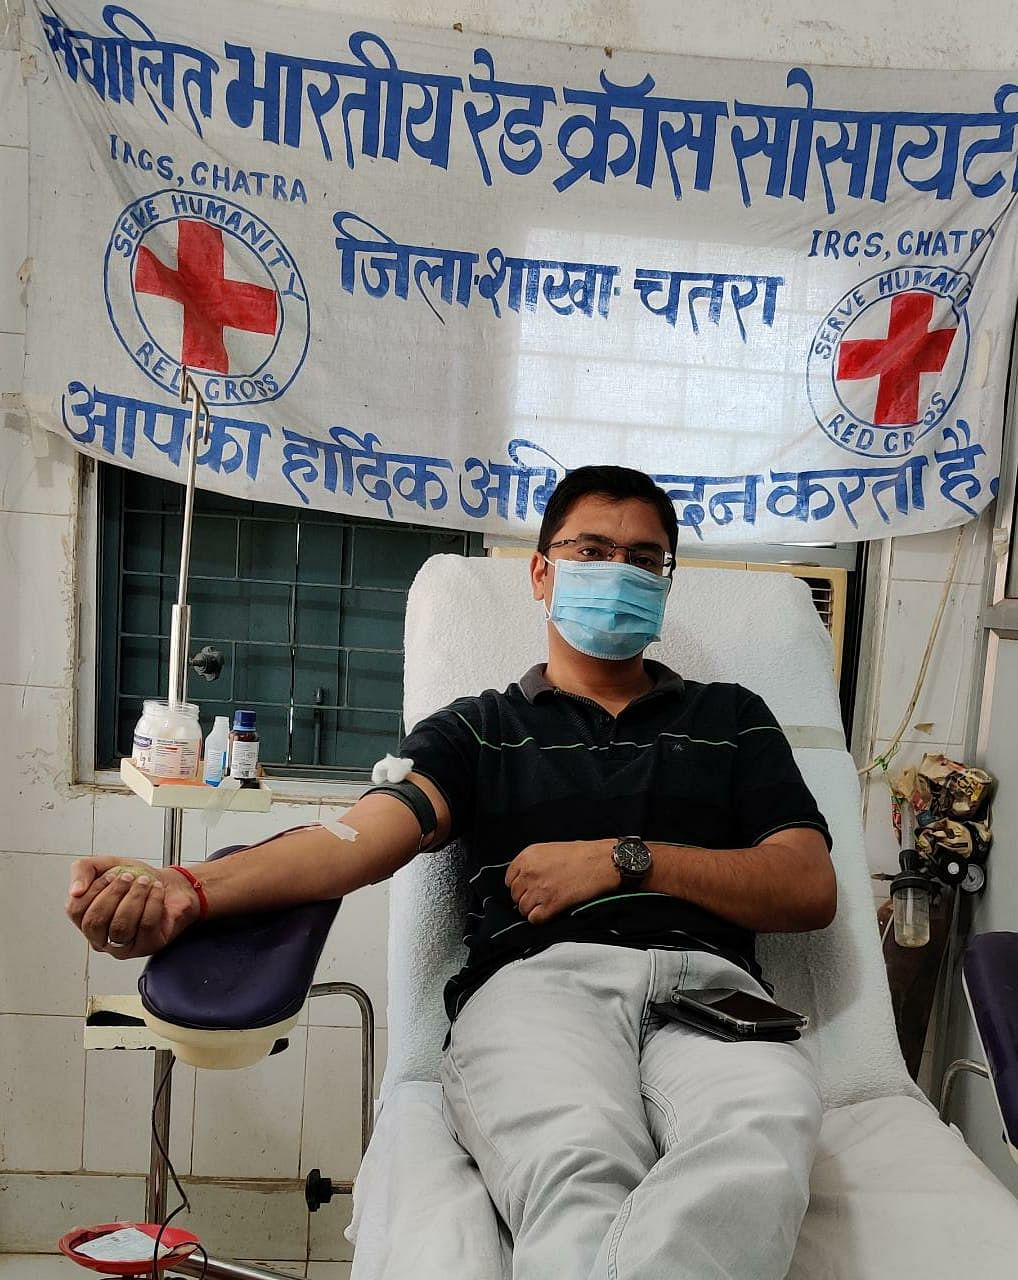 ...जब मजदूर पिता के एक फोन पर थैलेसीमिया पीड़ित बच्ची के लिए रक्तदान करने ब्लड बैंक पहुंचे चतरा एसपी ऋषभ झा